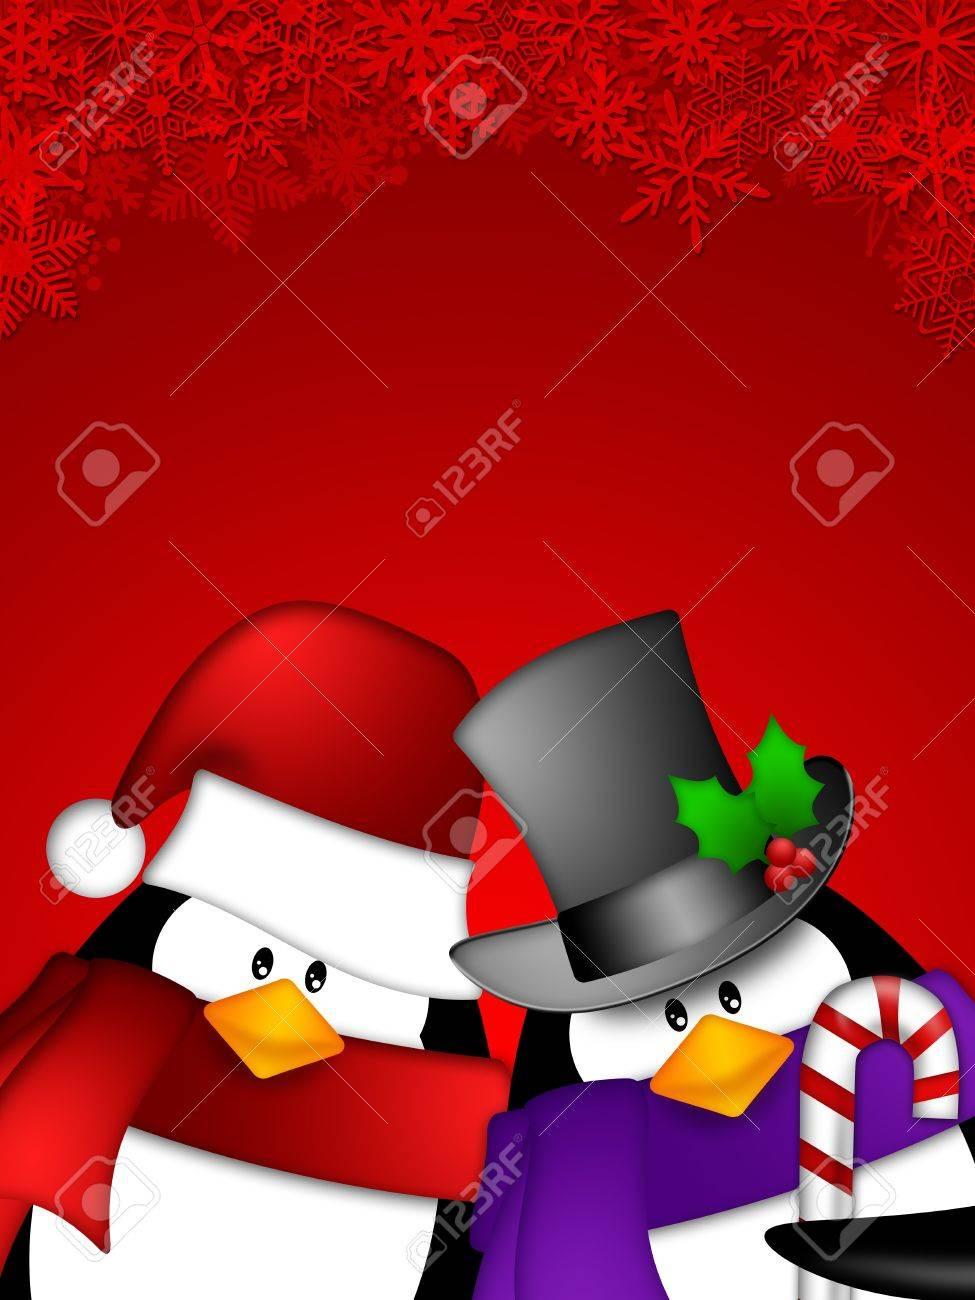 赤の雪片背景イラスト上にかわいい漫画ペンギンのカップル